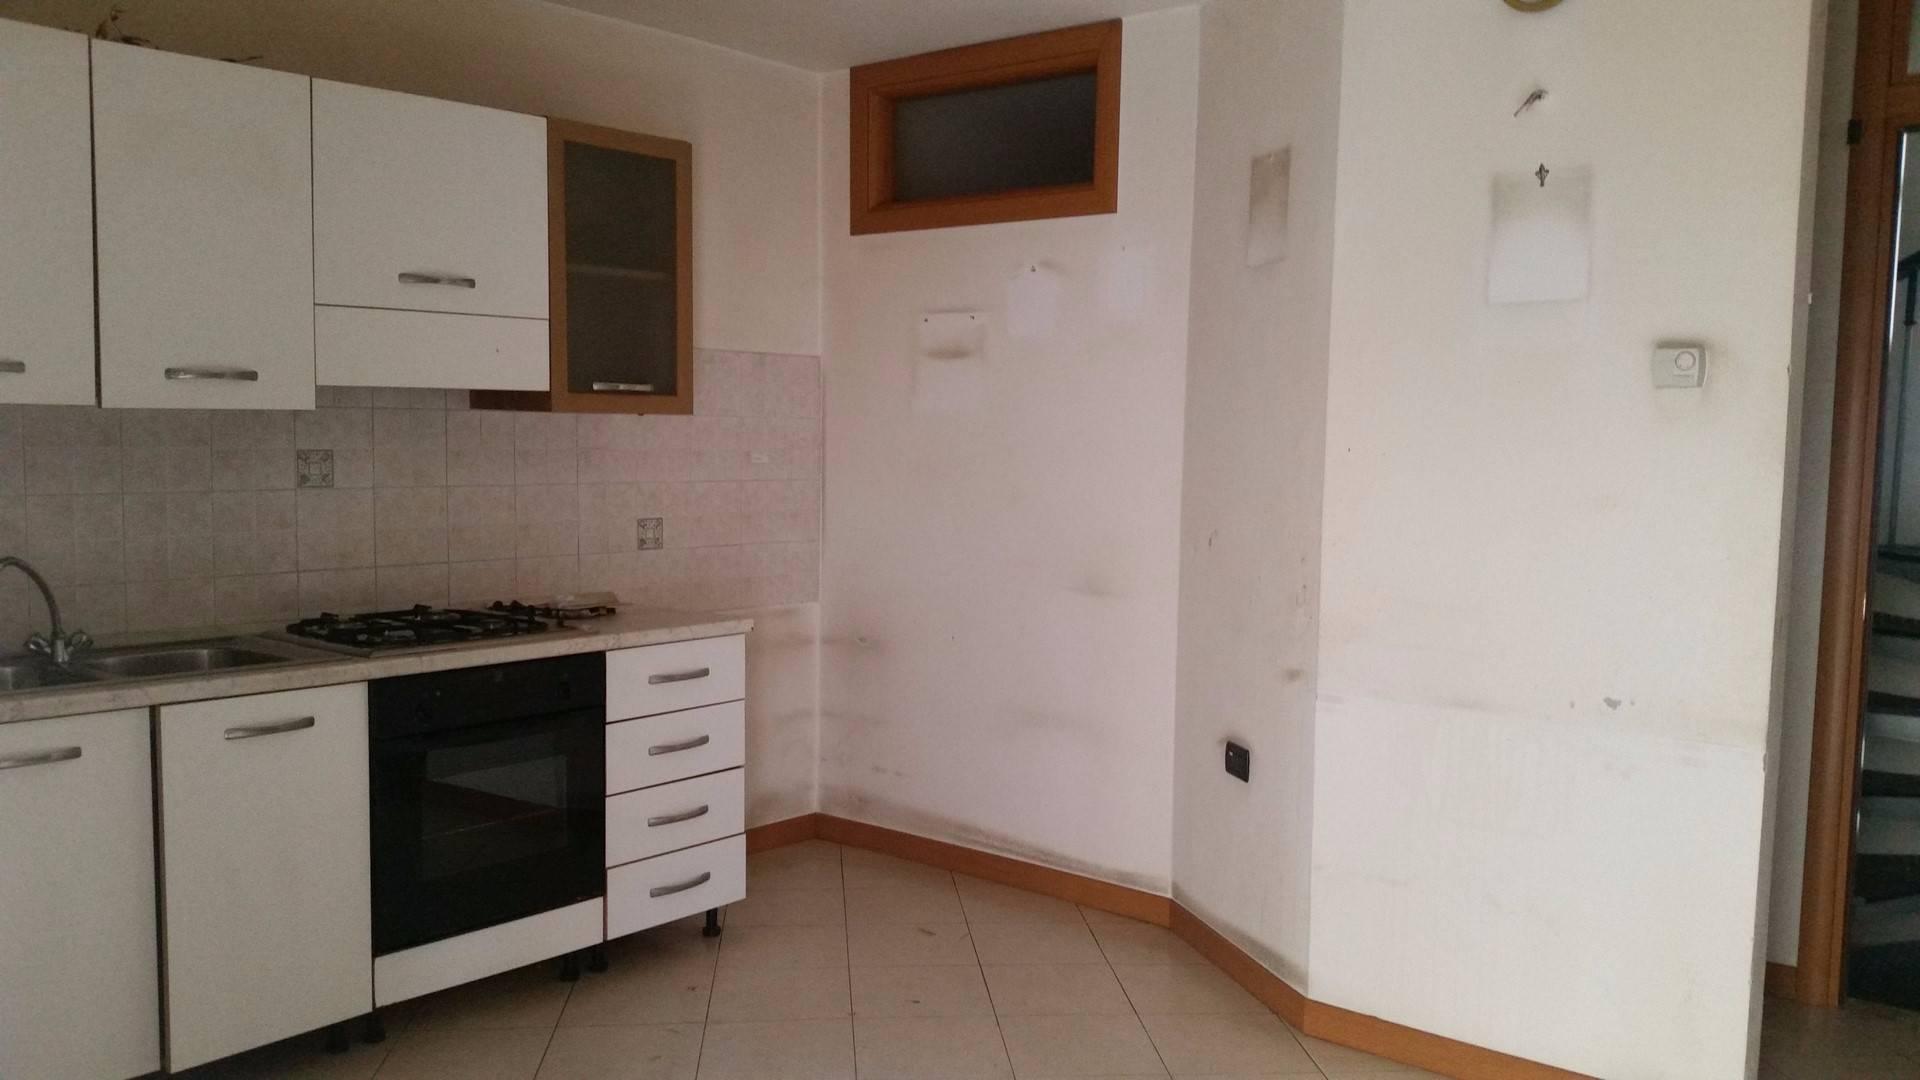 Altro in affitto a Monteforte d'Alpone, 4 locali, prezzo € 350 | Cambio Casa.it